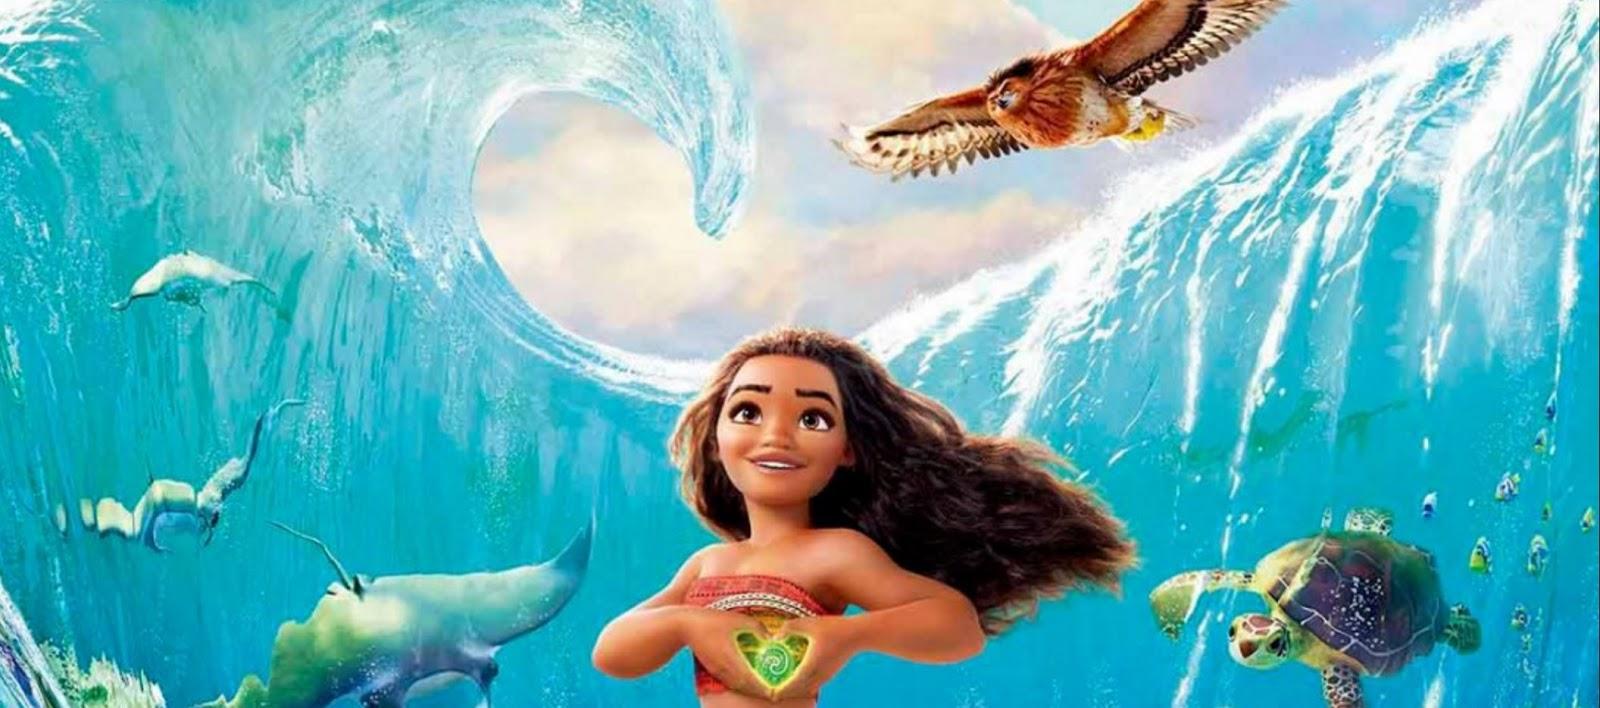 Critique Avis mes trois dernières sorties cinéma Vaiana